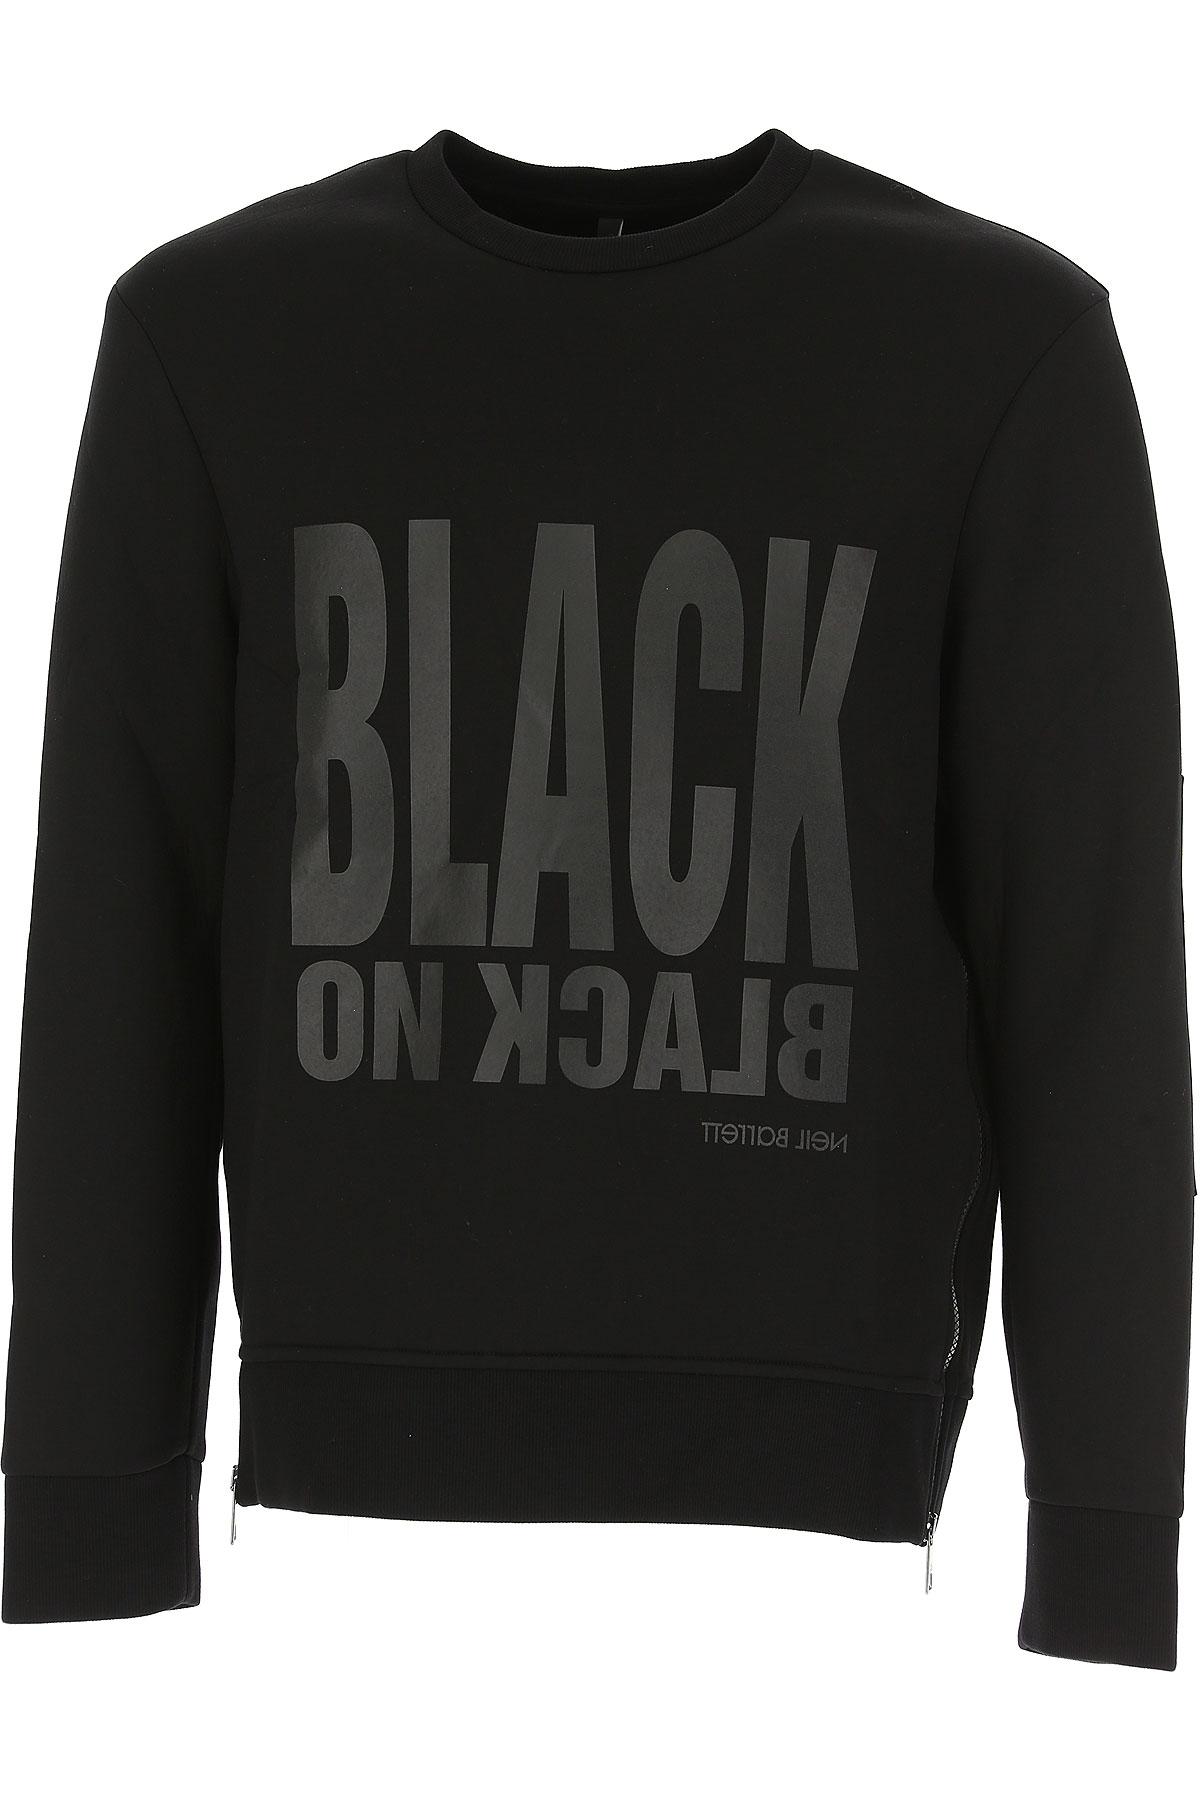 Neil Barrett Sweatshirt for Men, Black, viscosa, 2017, L M XL XS USA-466053